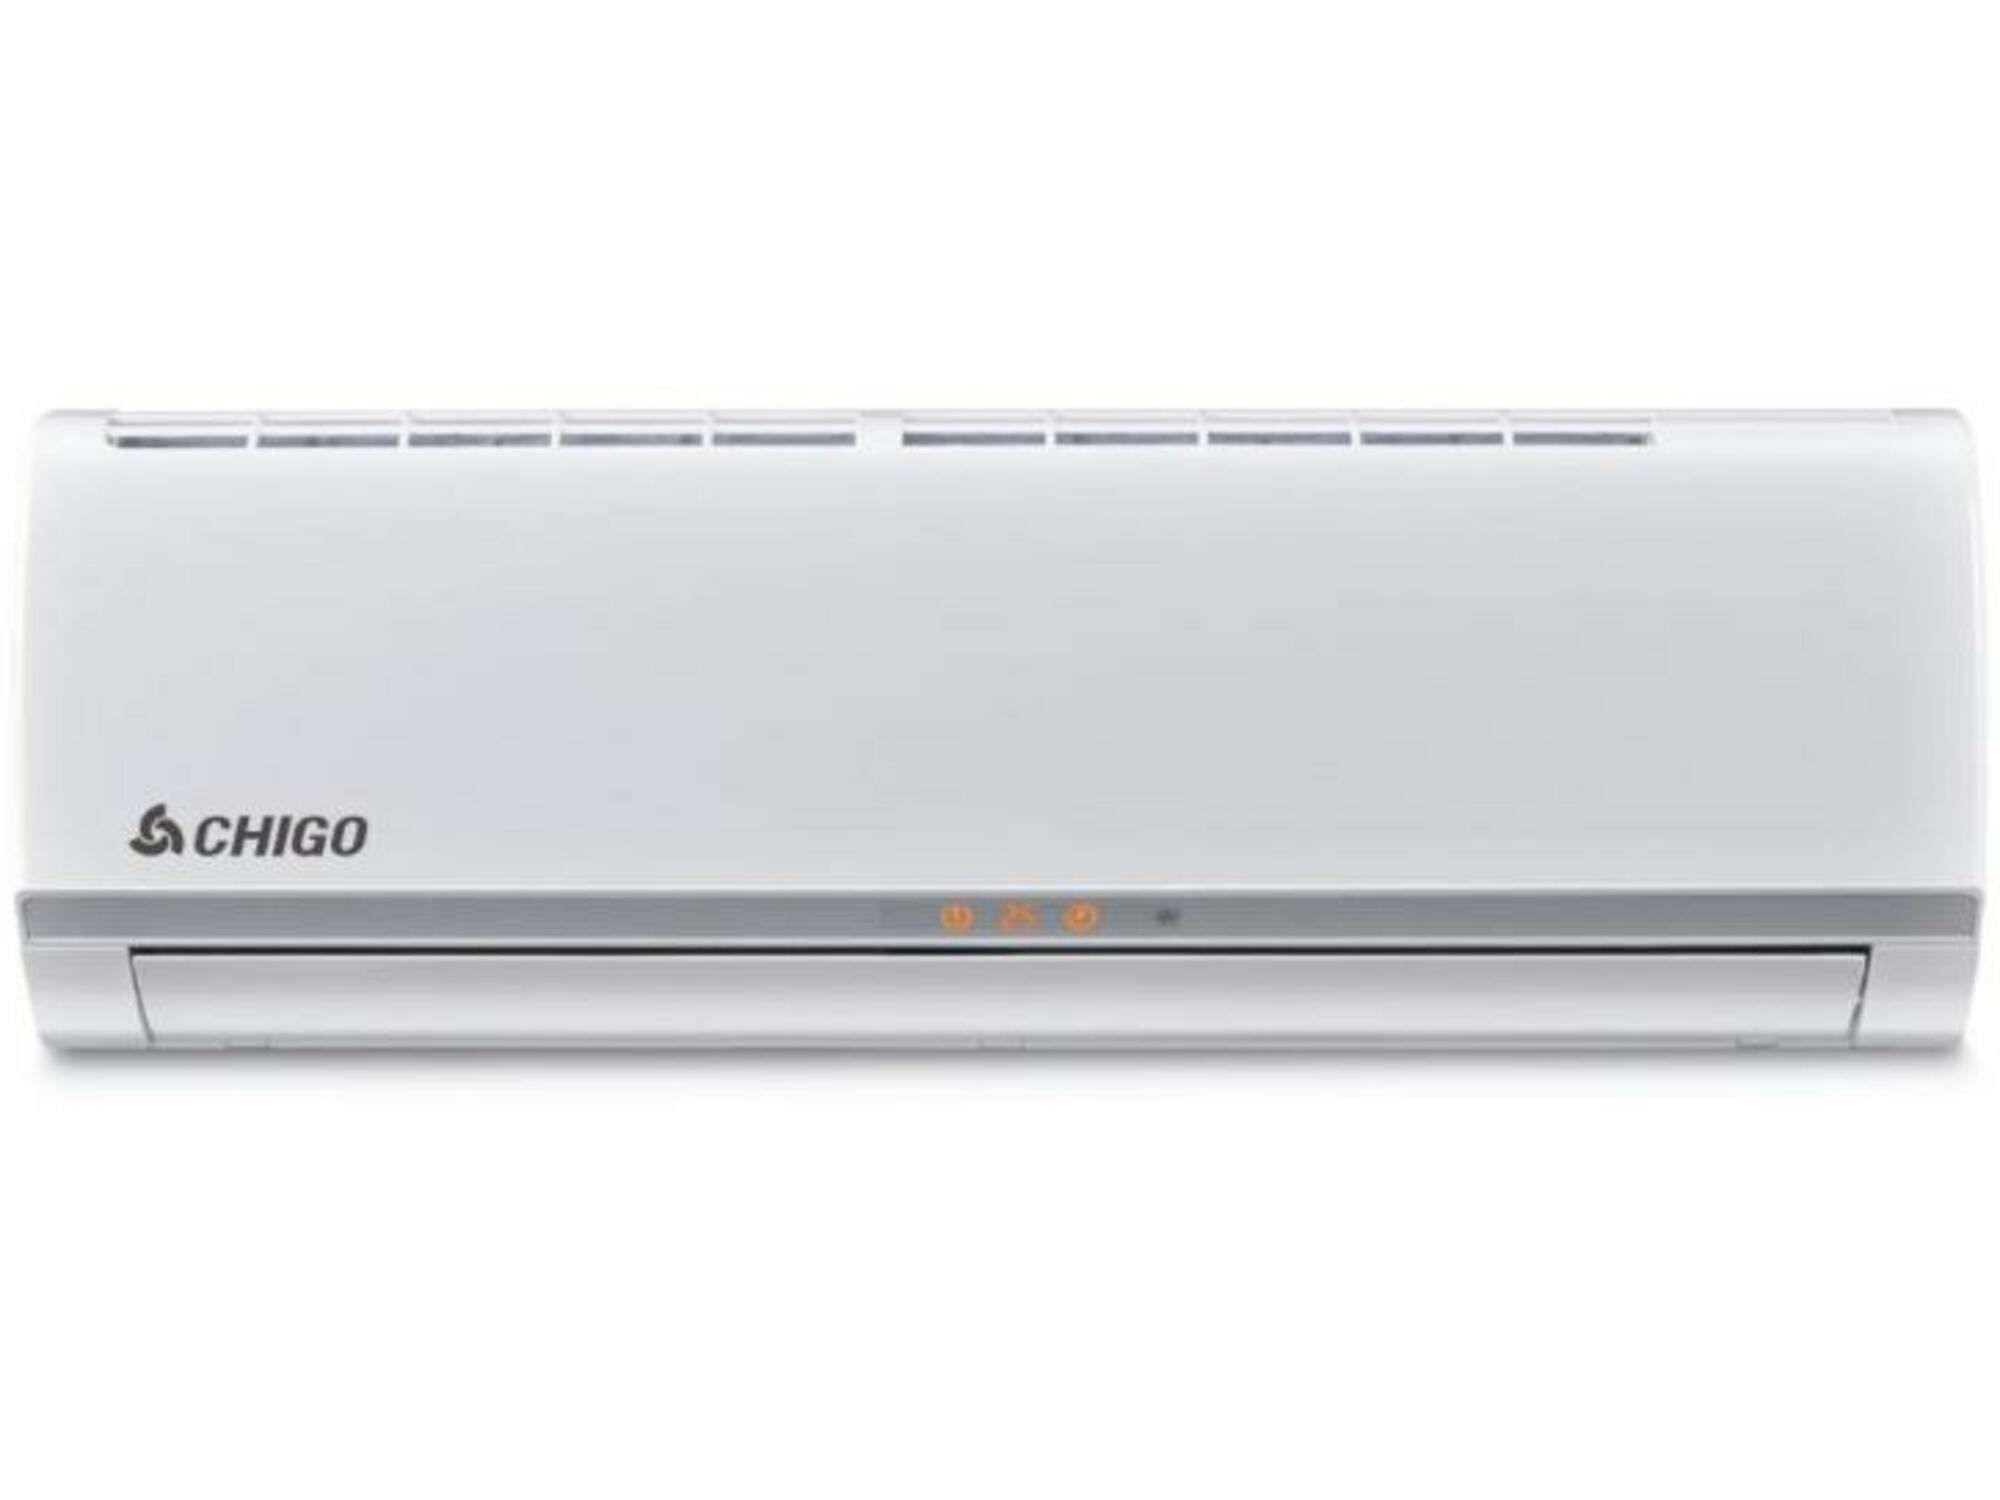 Chigo Klima uređaj 12000 btu